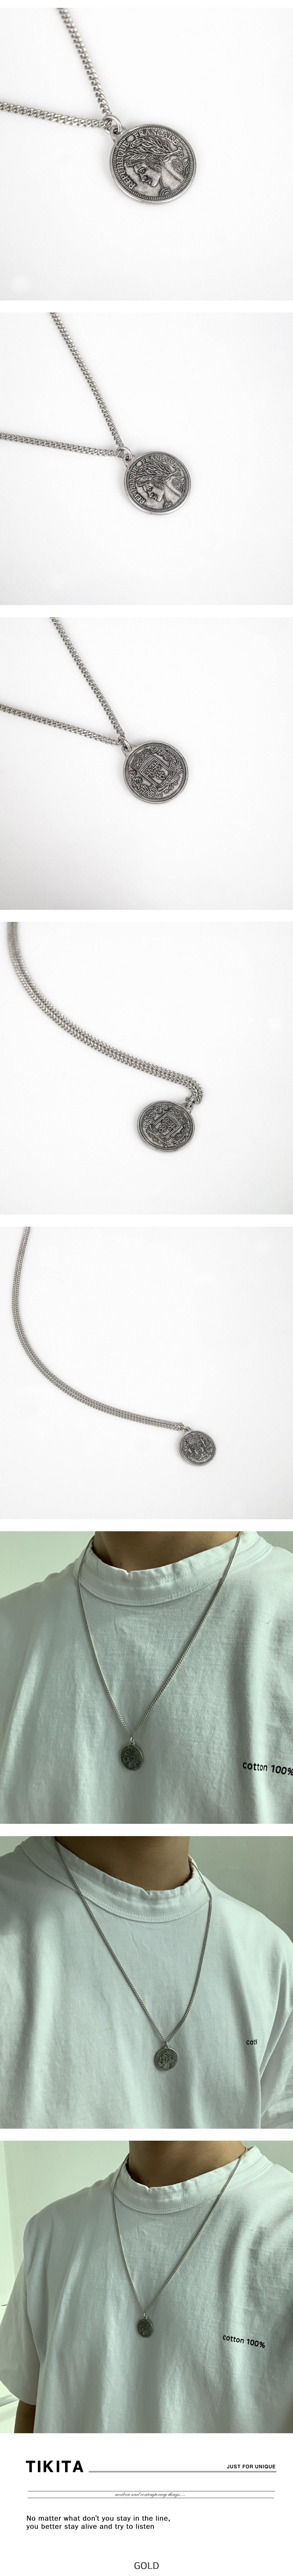 남자 목걸이 레이어드 코인 펜던트 패션 tikita coin - 티키타, 17,500원, 남성주얼리, 목걸이